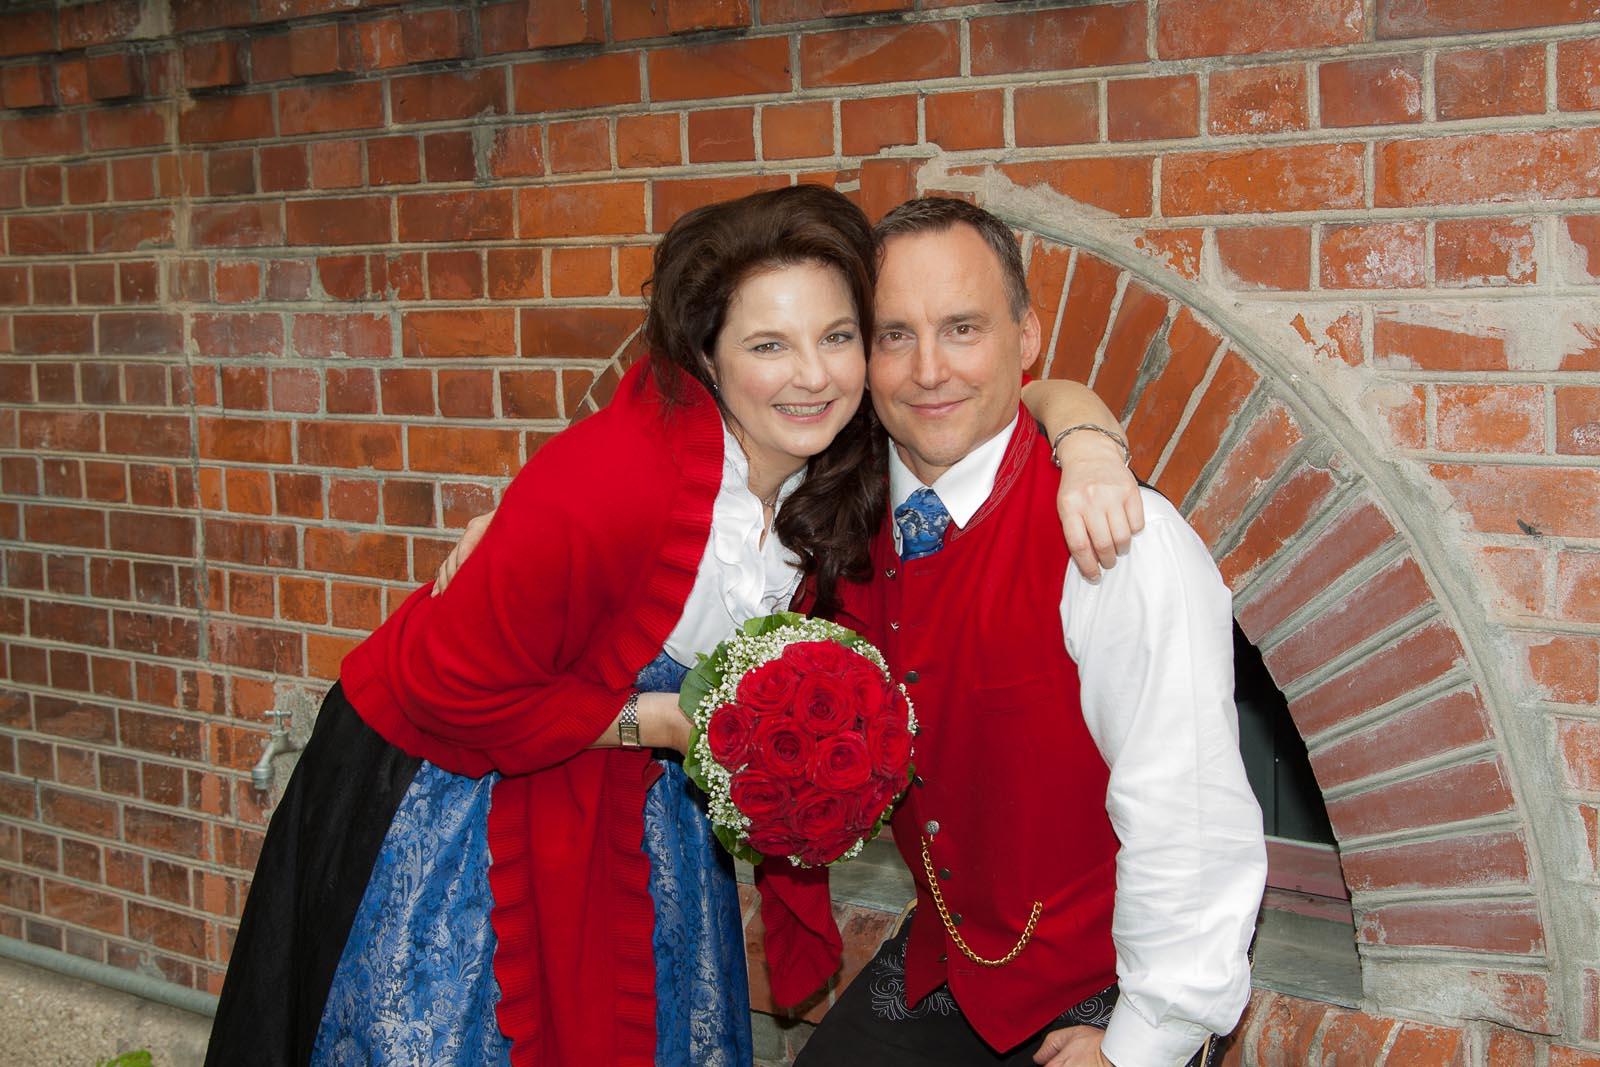 Hochzeit-Portrait-Gassner-Hochzeit-Gassner-0603_-_Kopie_2.jpg